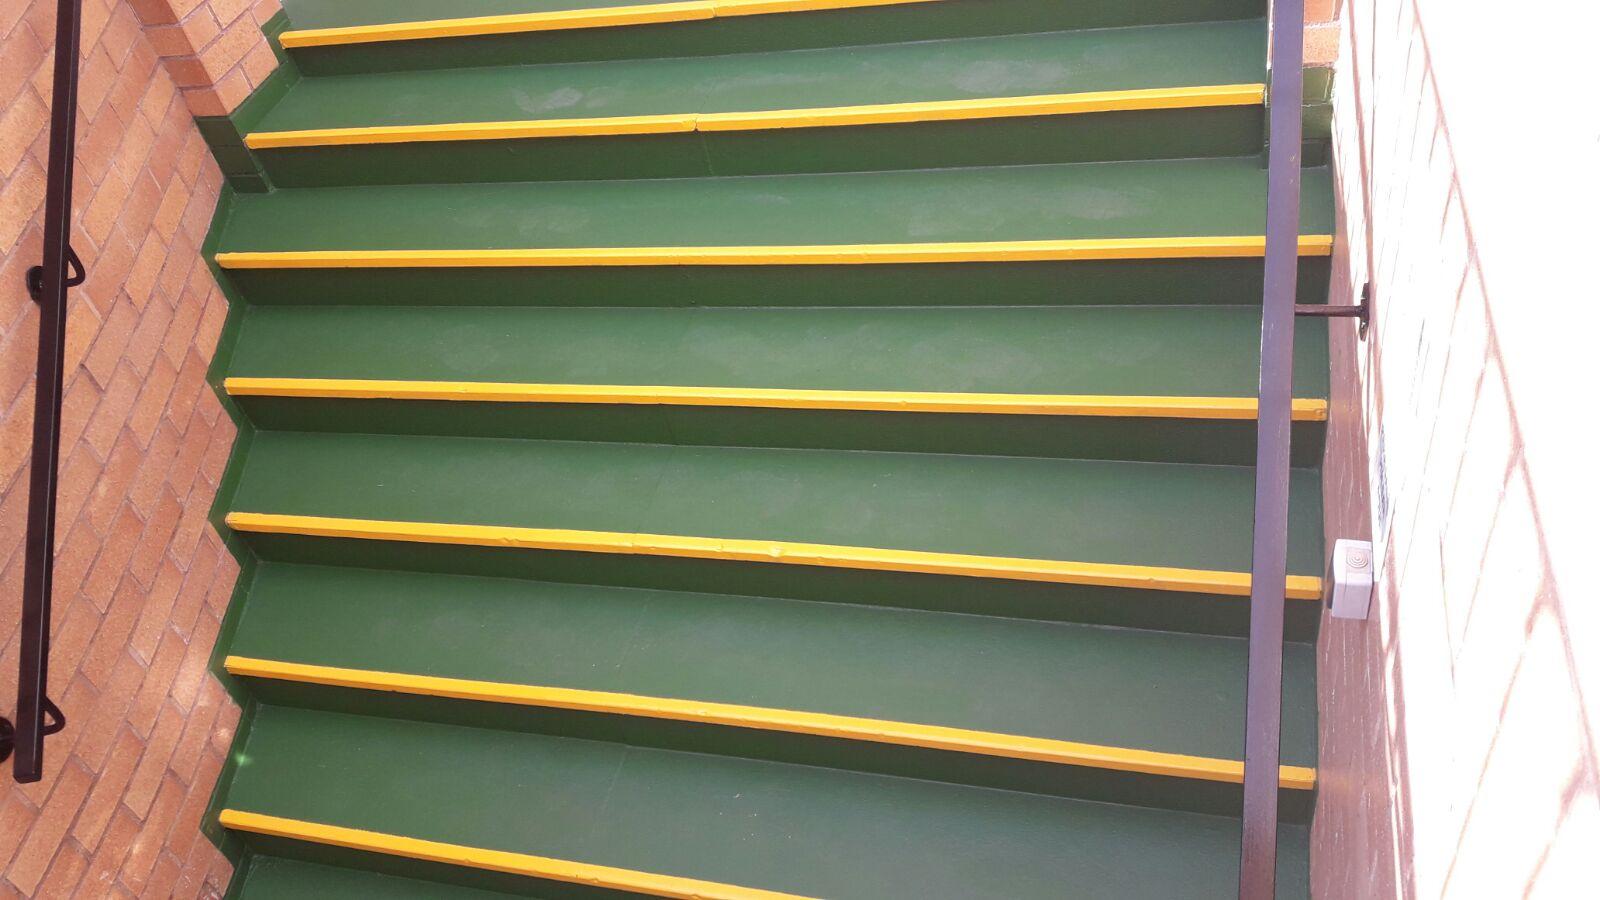 Mantenimientos de pintura puertas y rejas perimetrales - Pintura para rejas ...